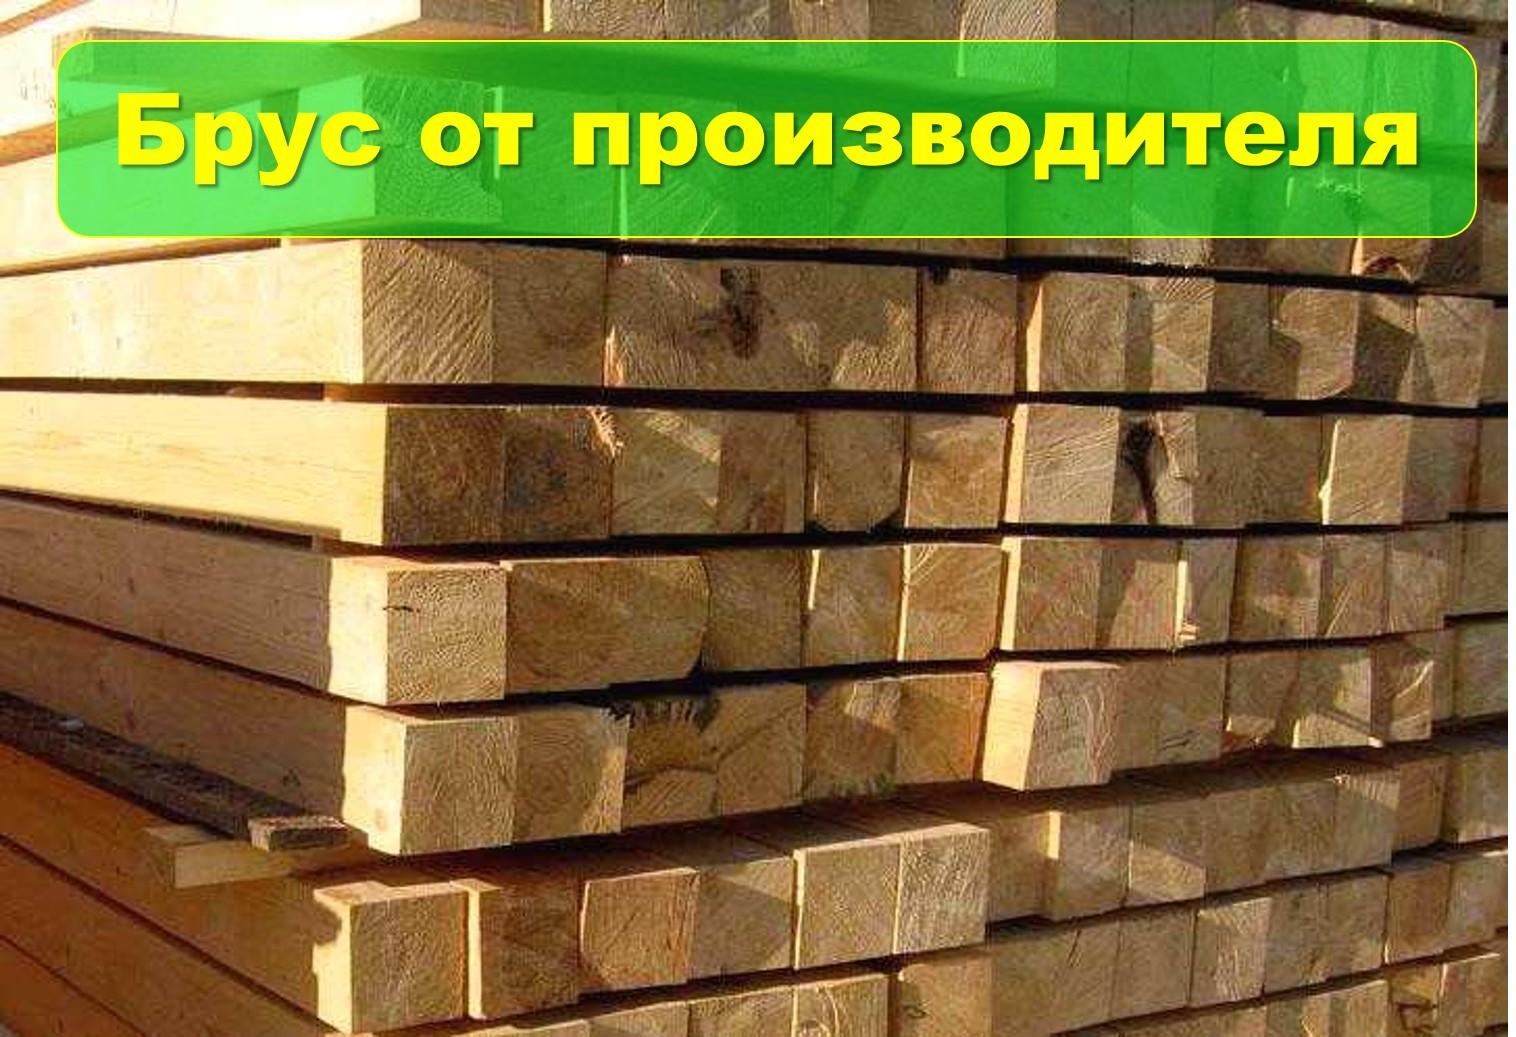 работы, номер стоимость бруса 100х100 за куб дополнительно: Размещение